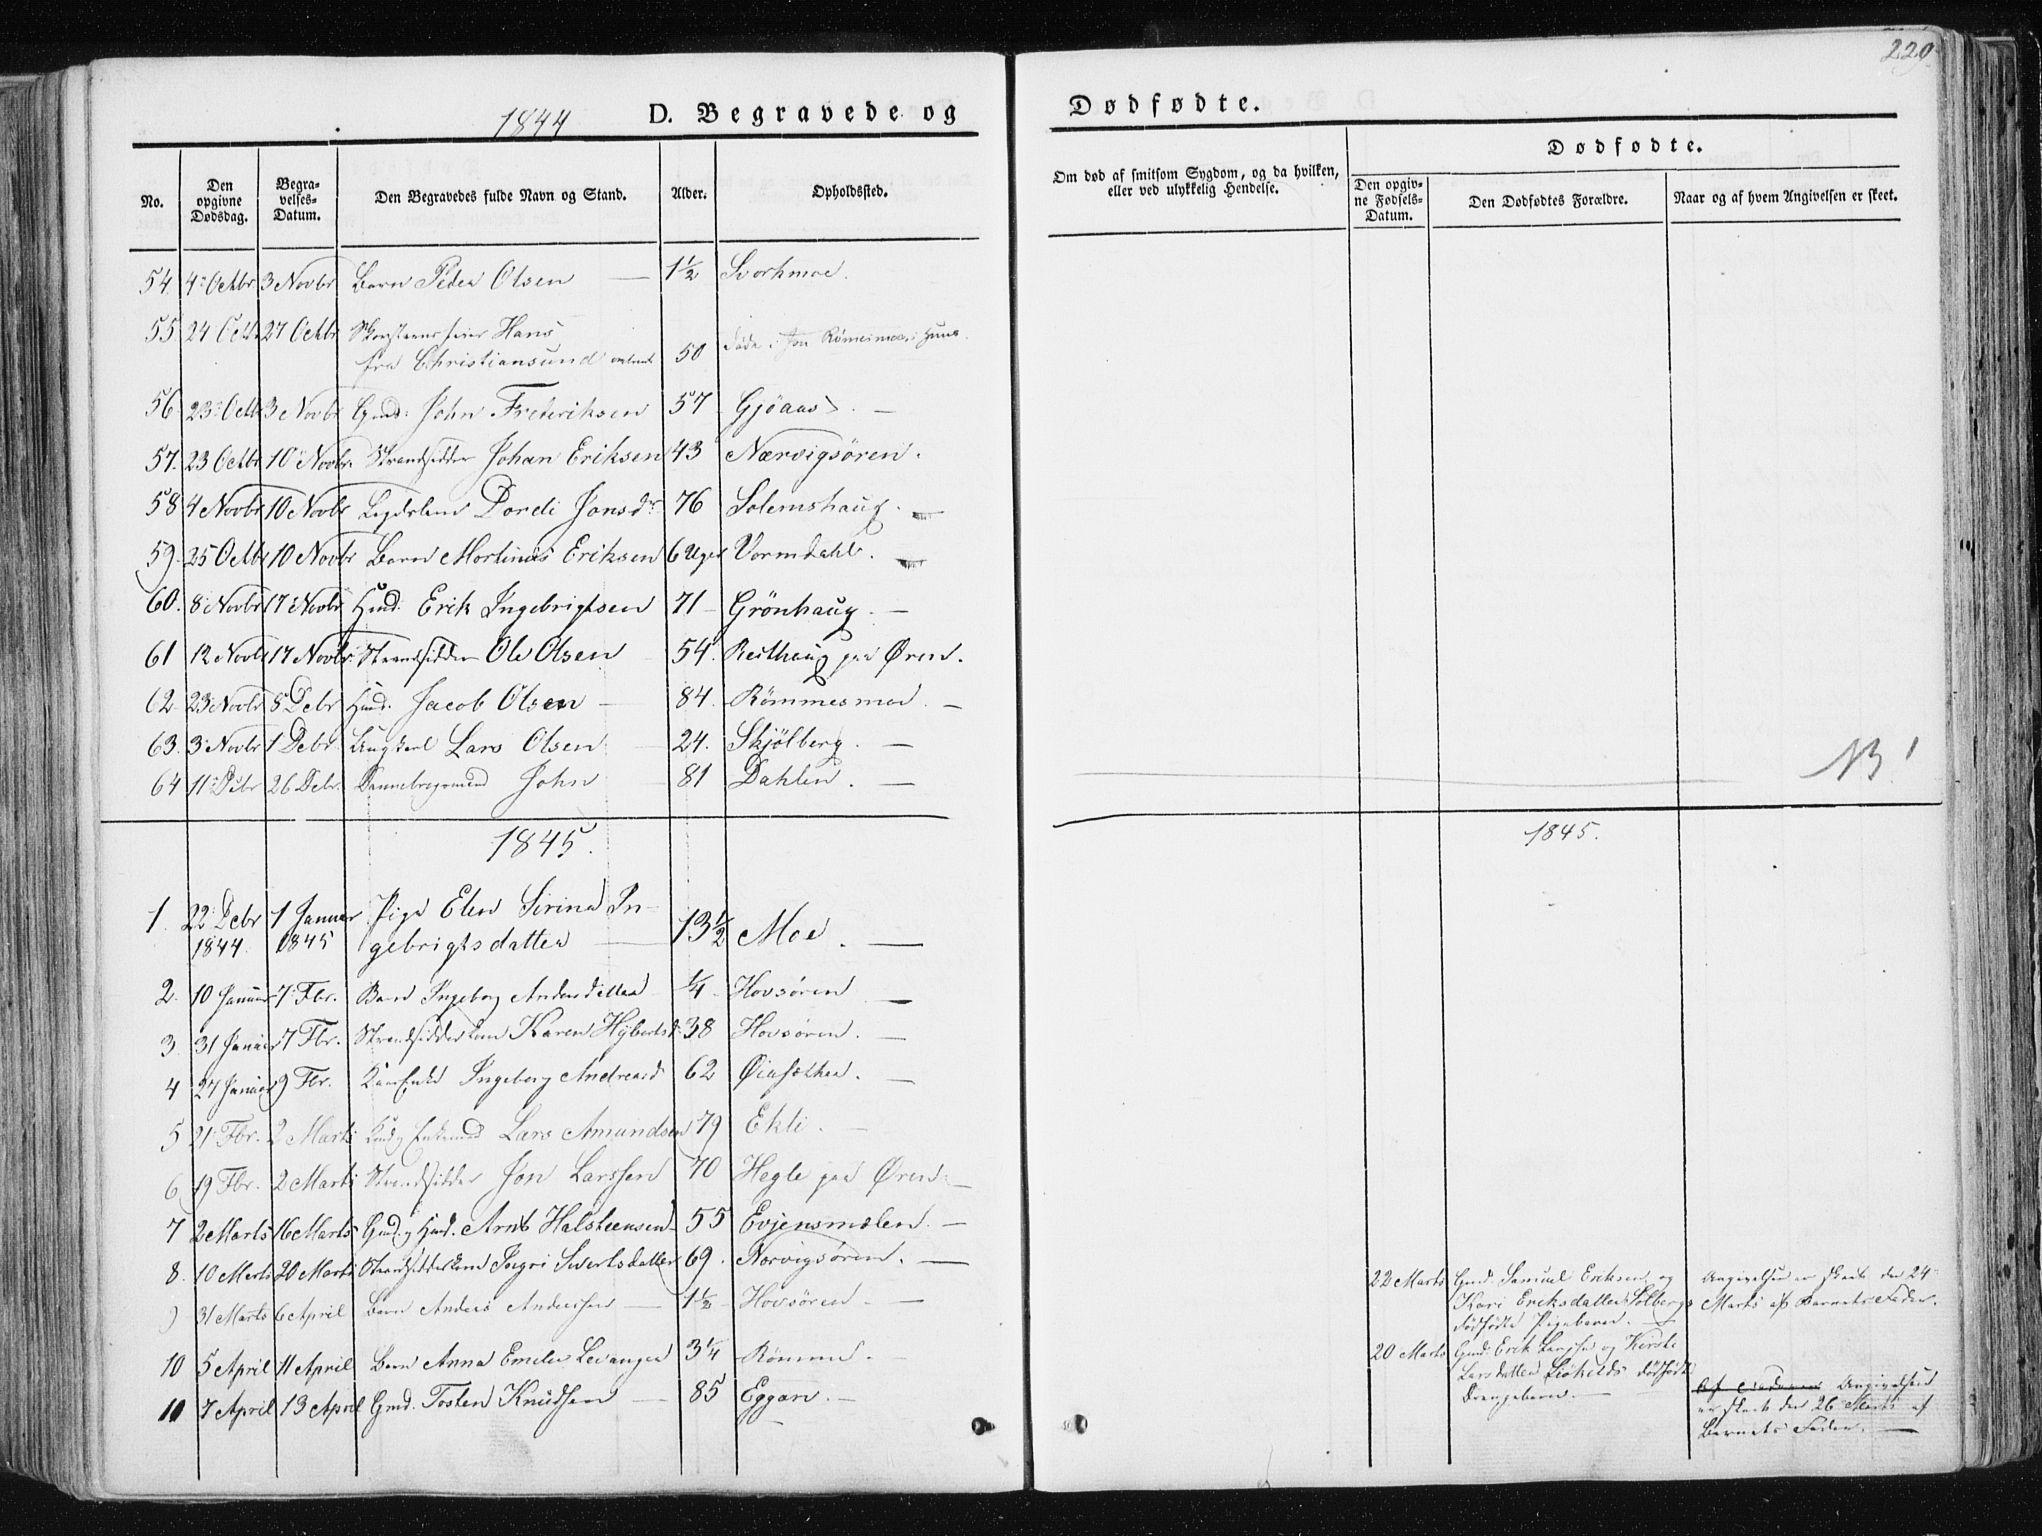 SAT, Ministerialprotokoller, klokkerbøker og fødselsregistre - Sør-Trøndelag, 668/L0805: Ministerialbok nr. 668A05, 1840-1853, s. 229